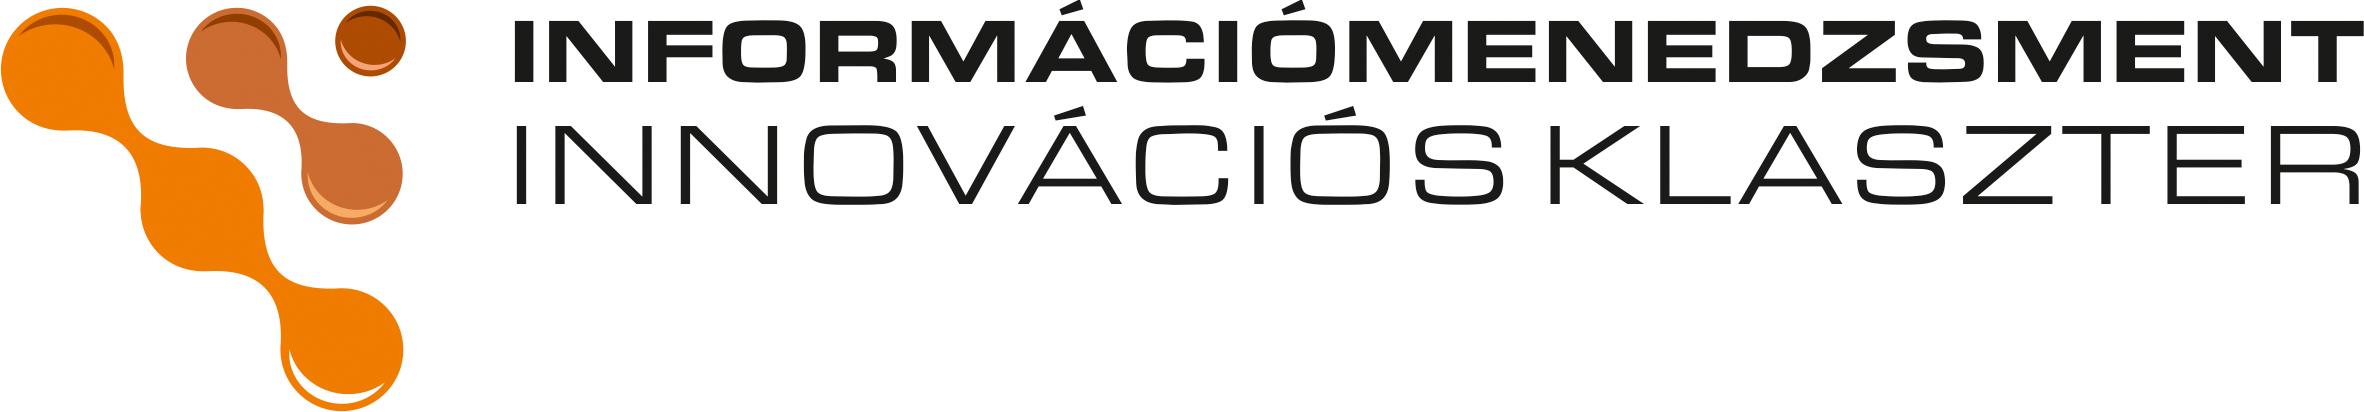 I2K Klaszter logo